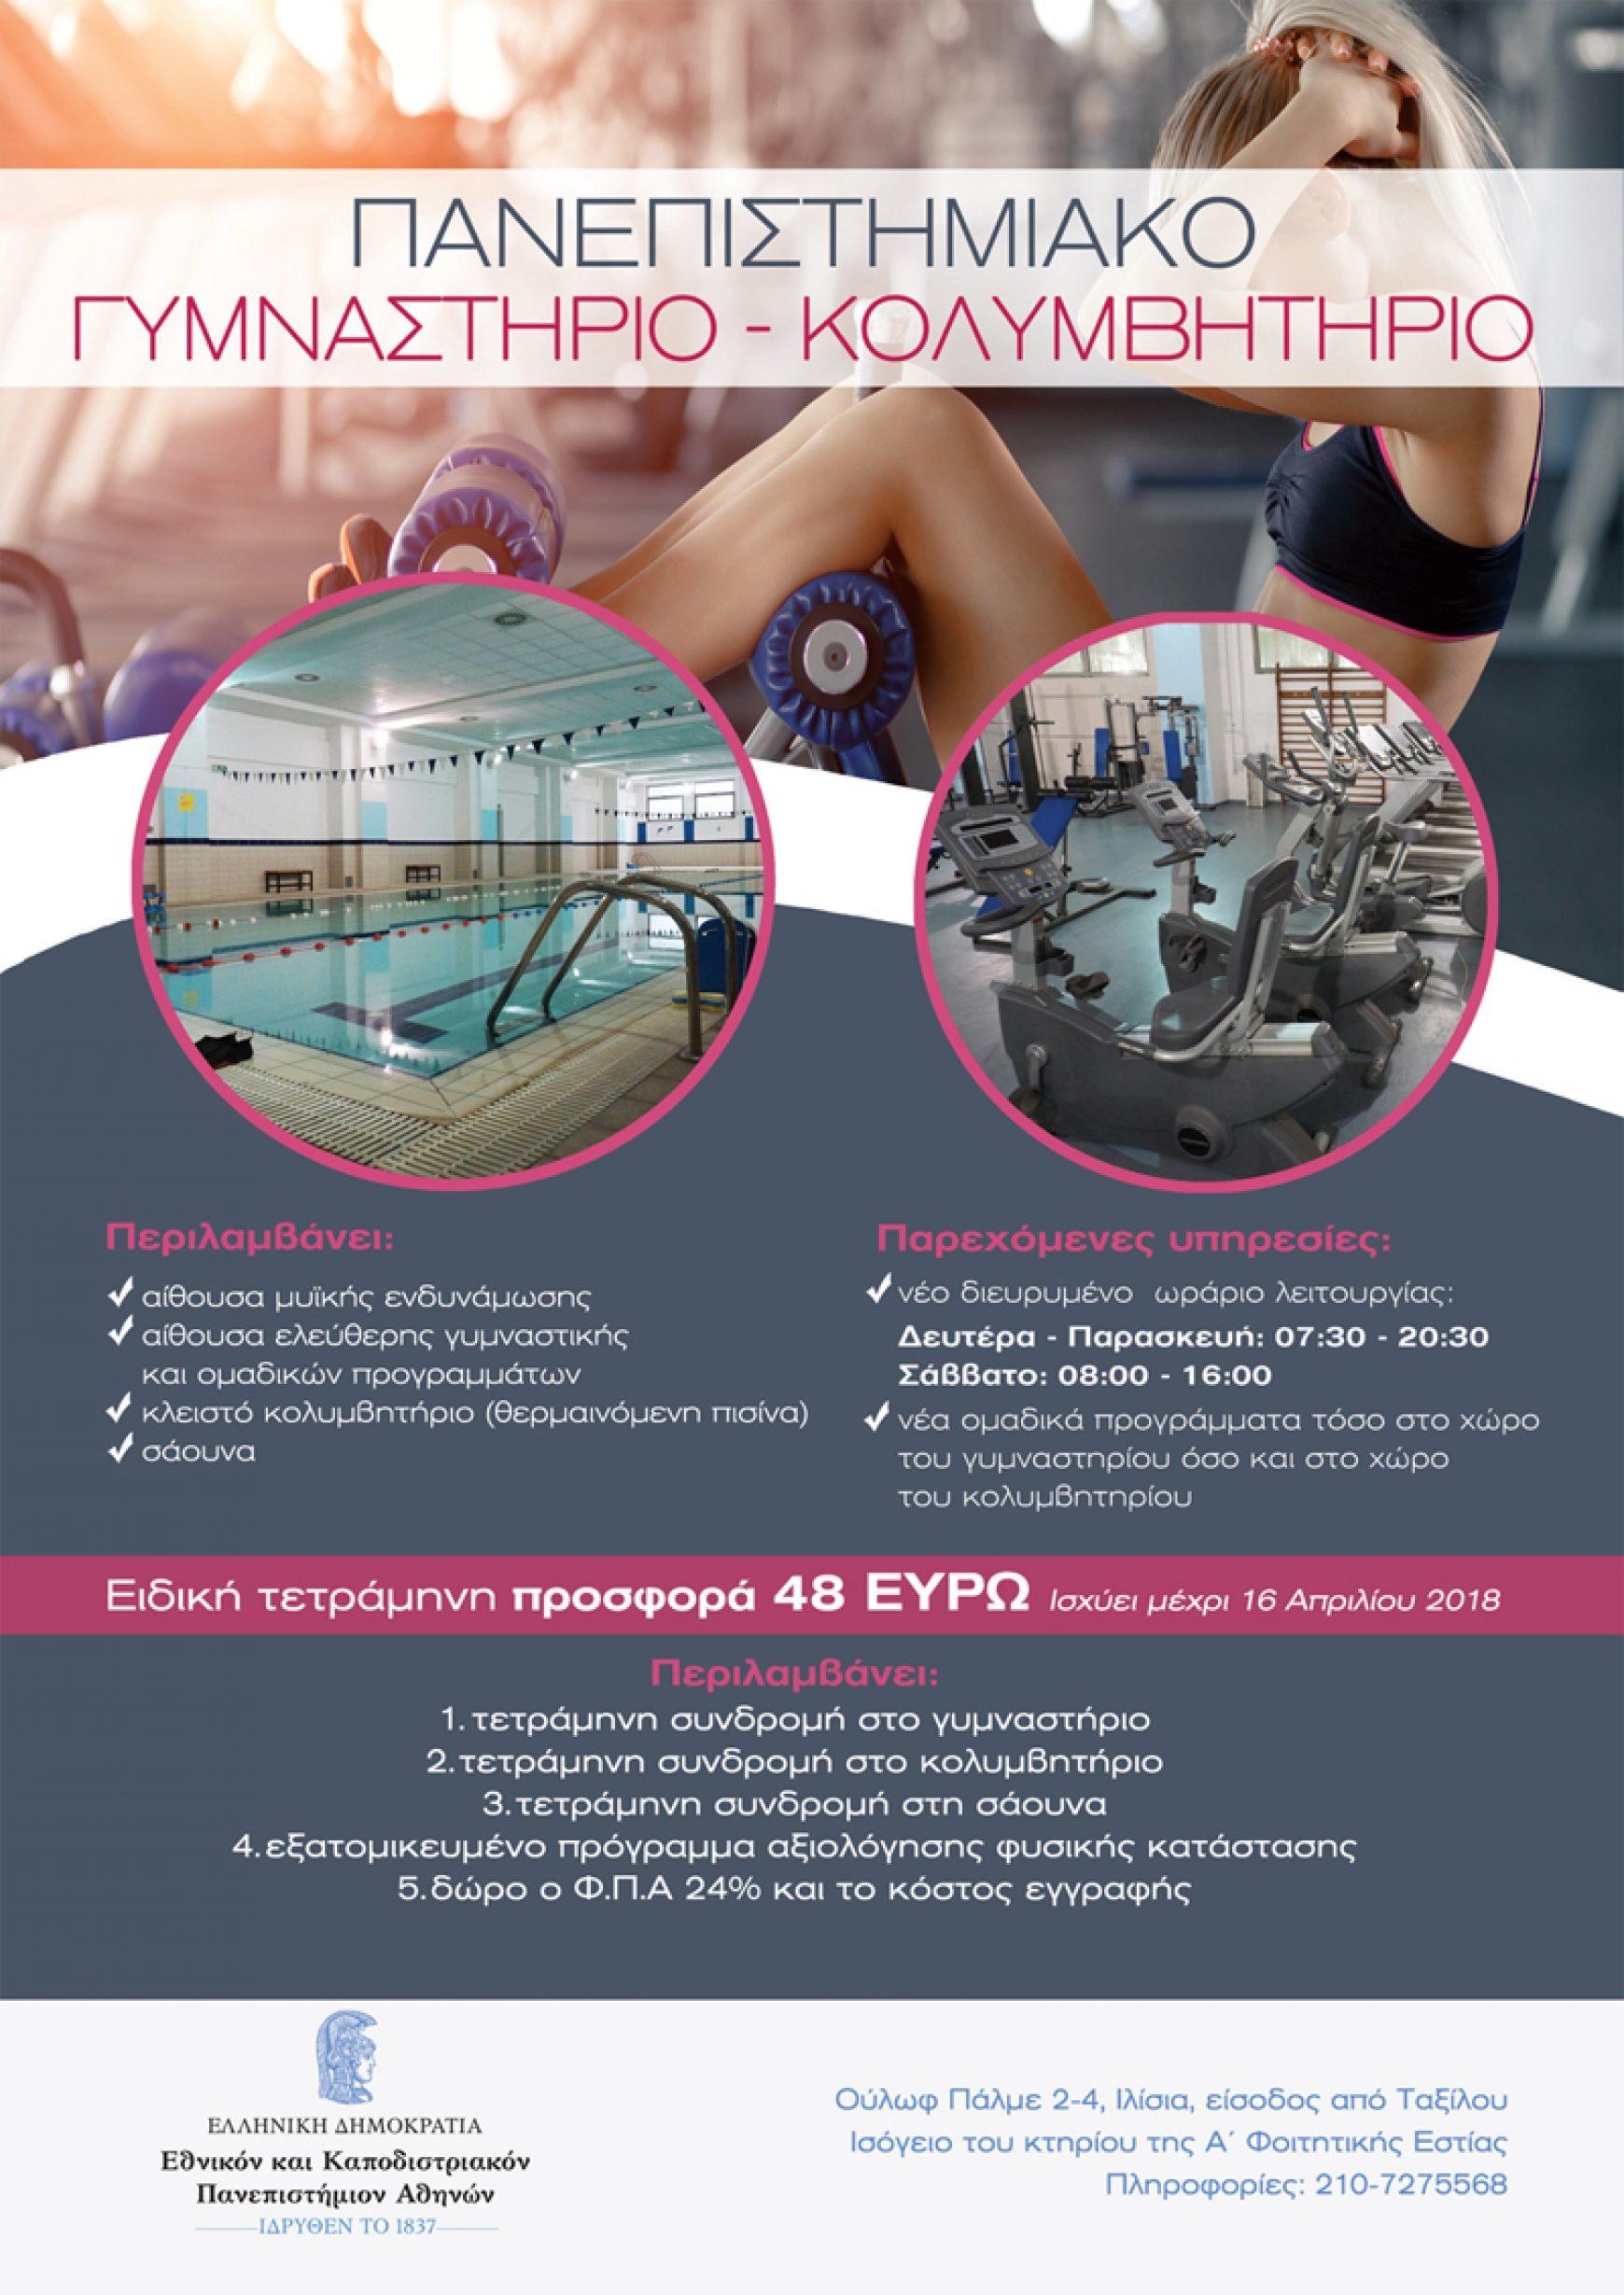 Πανεπιστημιακό – Γυμναστήριο Κολυμβητήριο